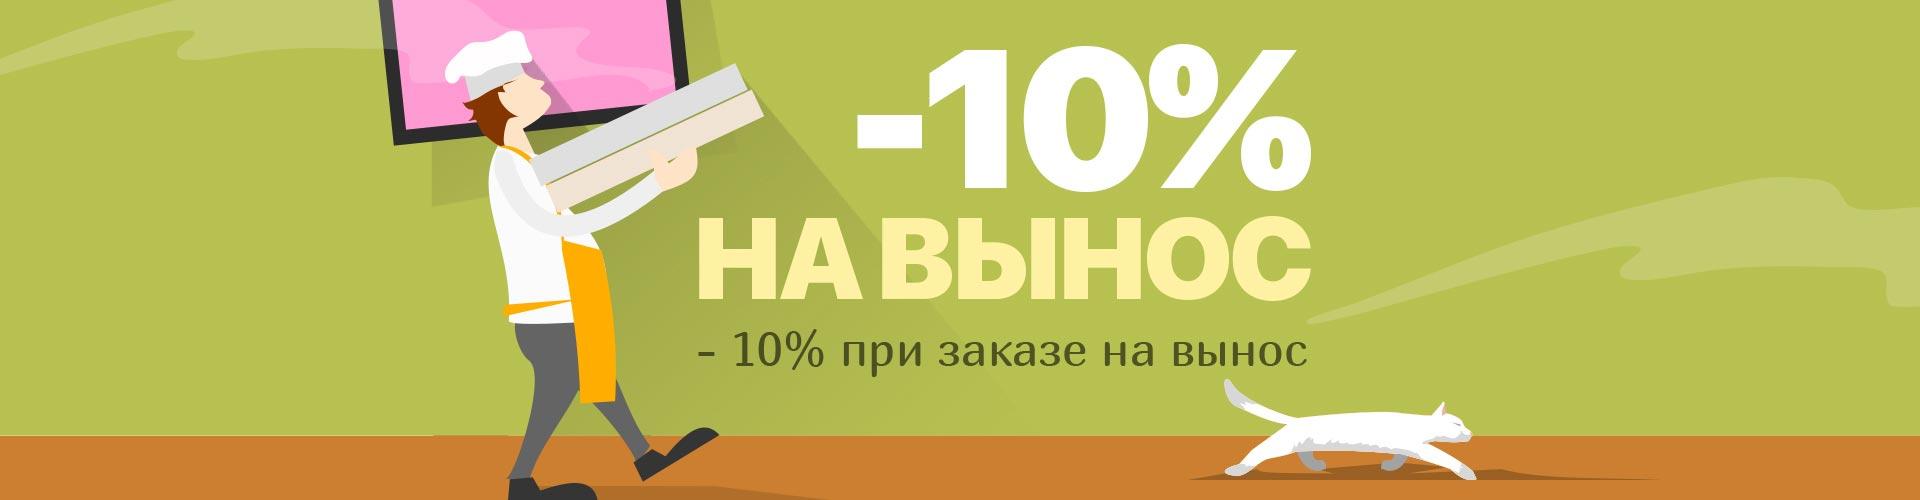 Акция - Скидка 10% при заказе на вынос